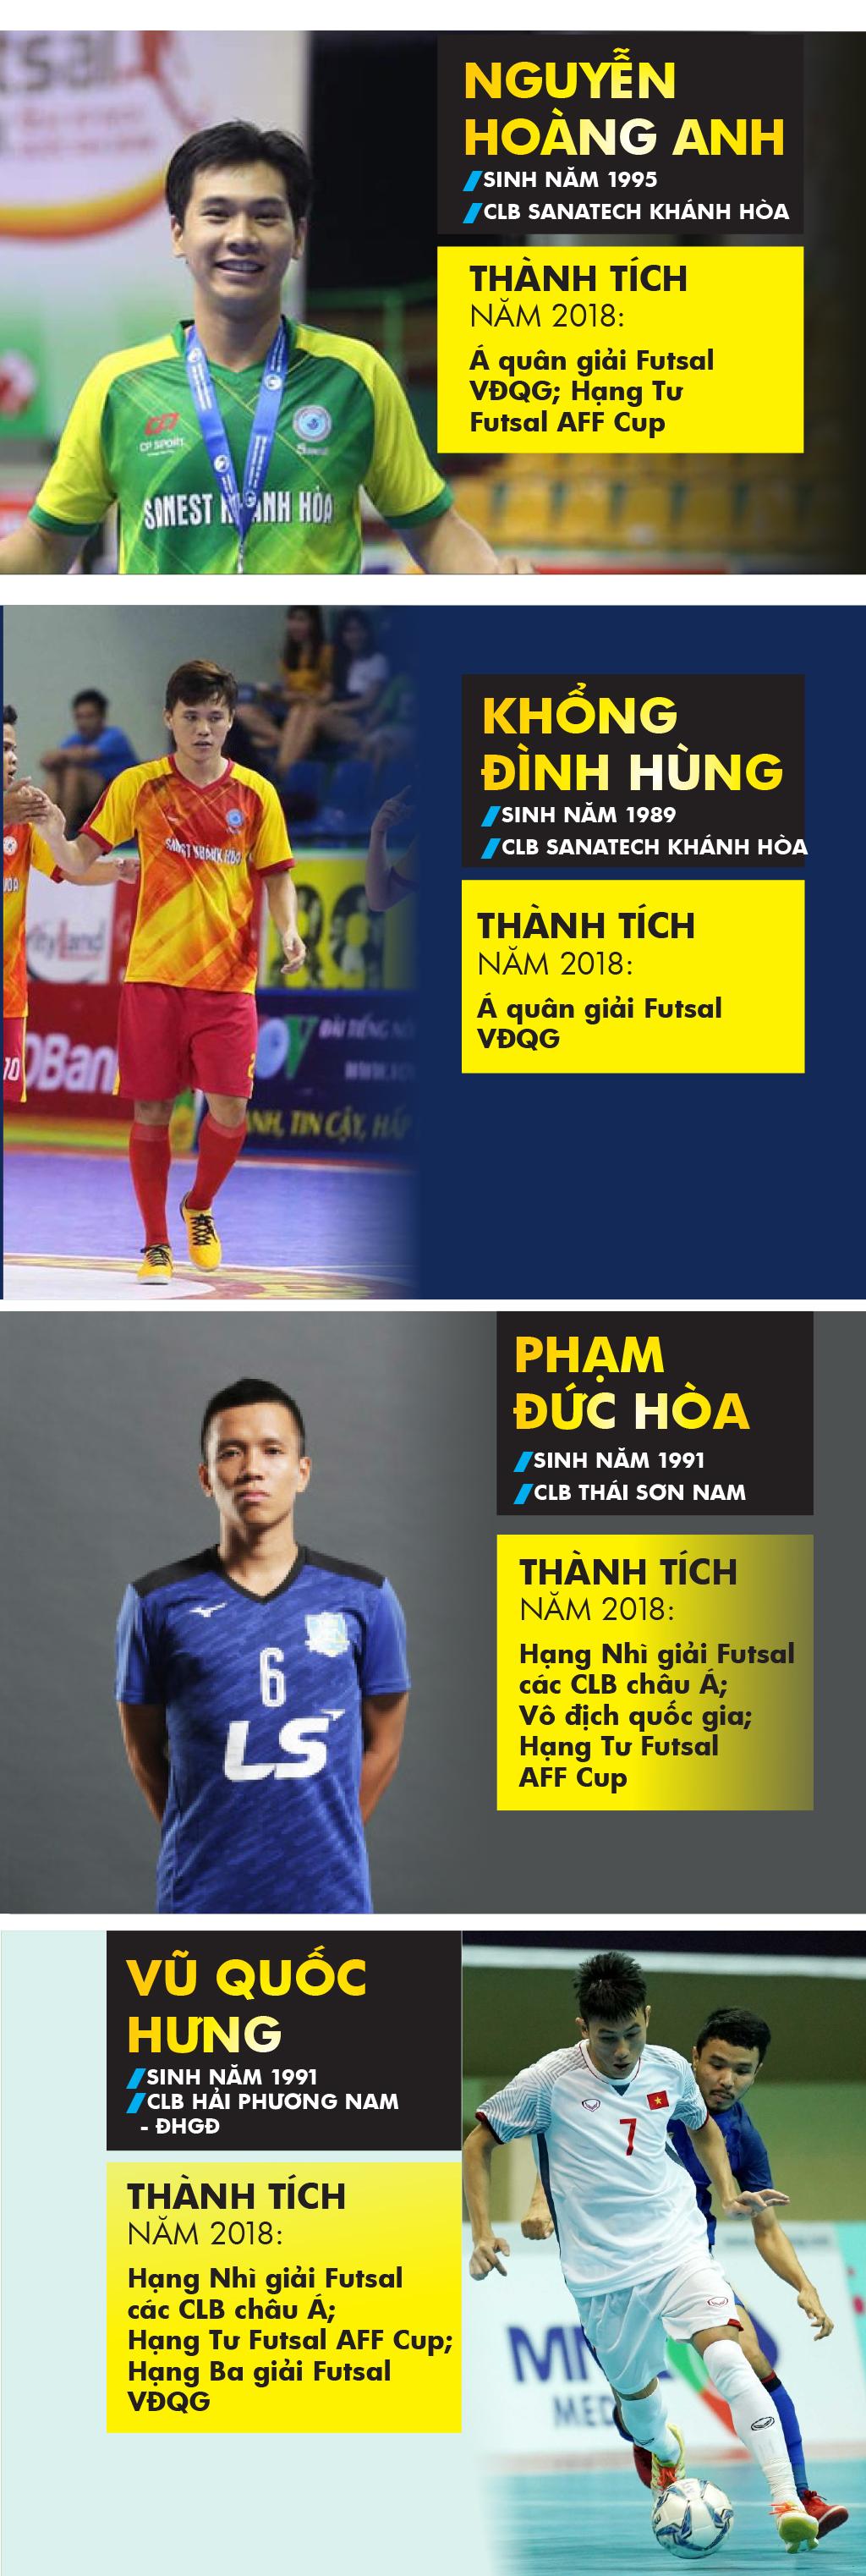 Những cầu thủ nào là ứng viên giải Quả bóng vàng futsal 2018? ảnh 1